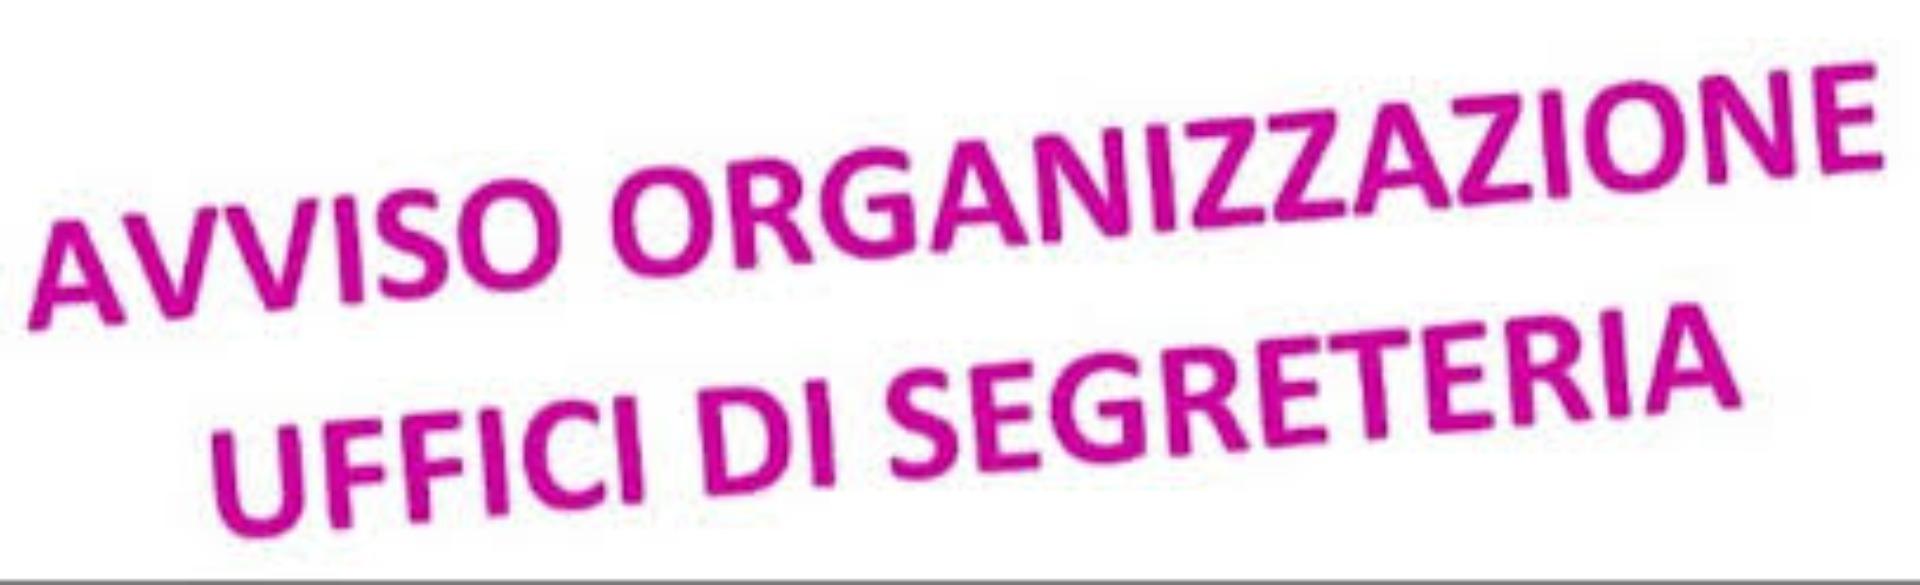 Disposizione organizzazione attività uffici de...